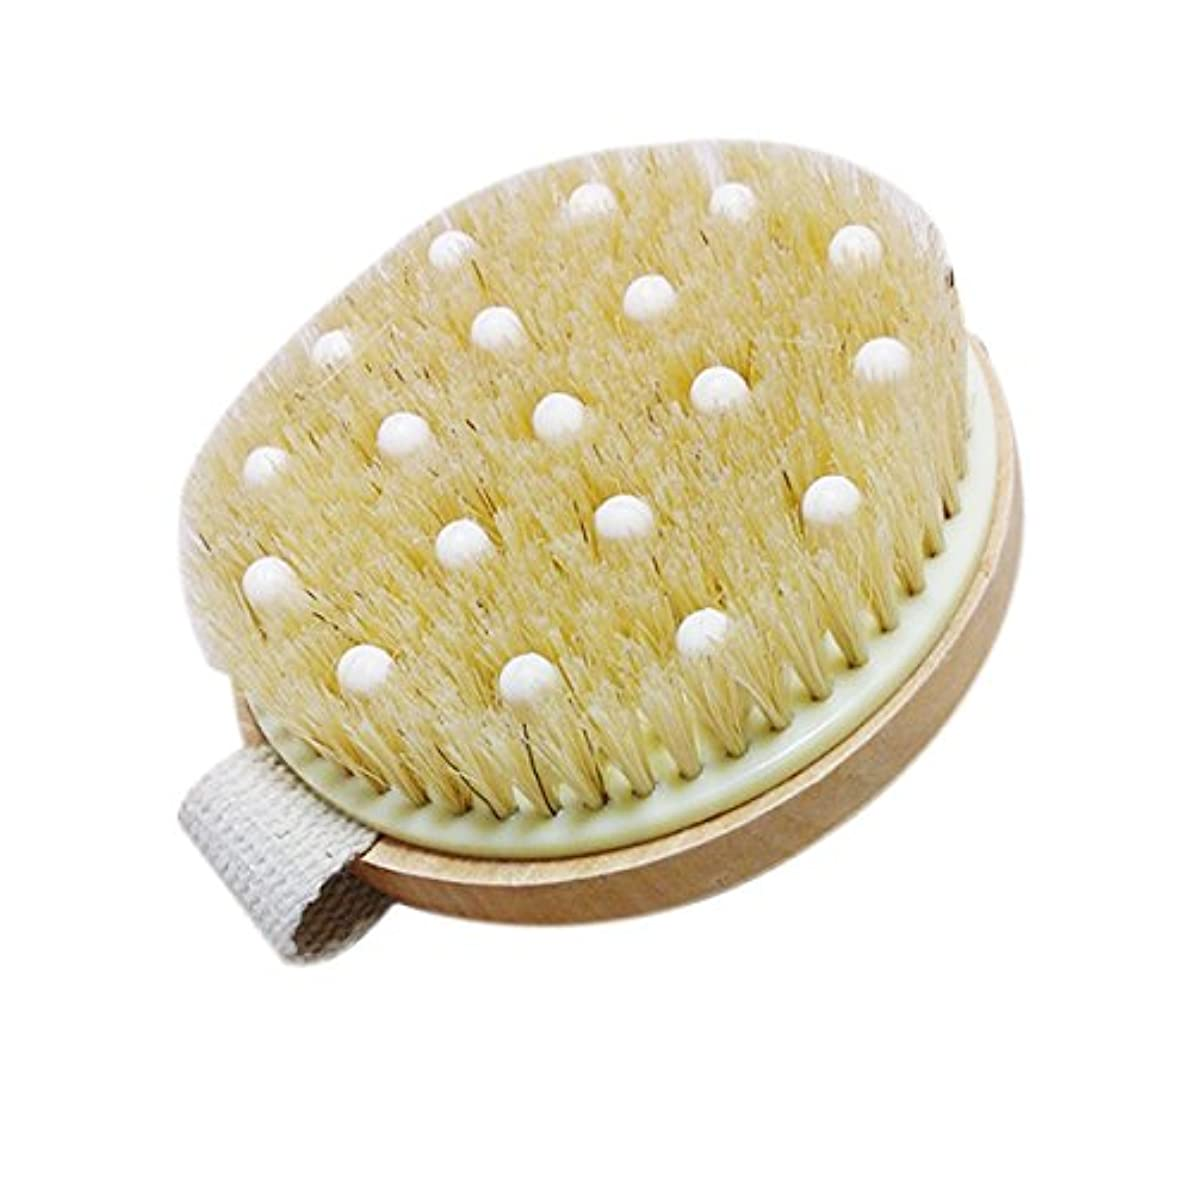 感謝祭絶滅装備するTOPBATHY バンド付きバスシャワー剛毛ブラシマッサージボディブラシ